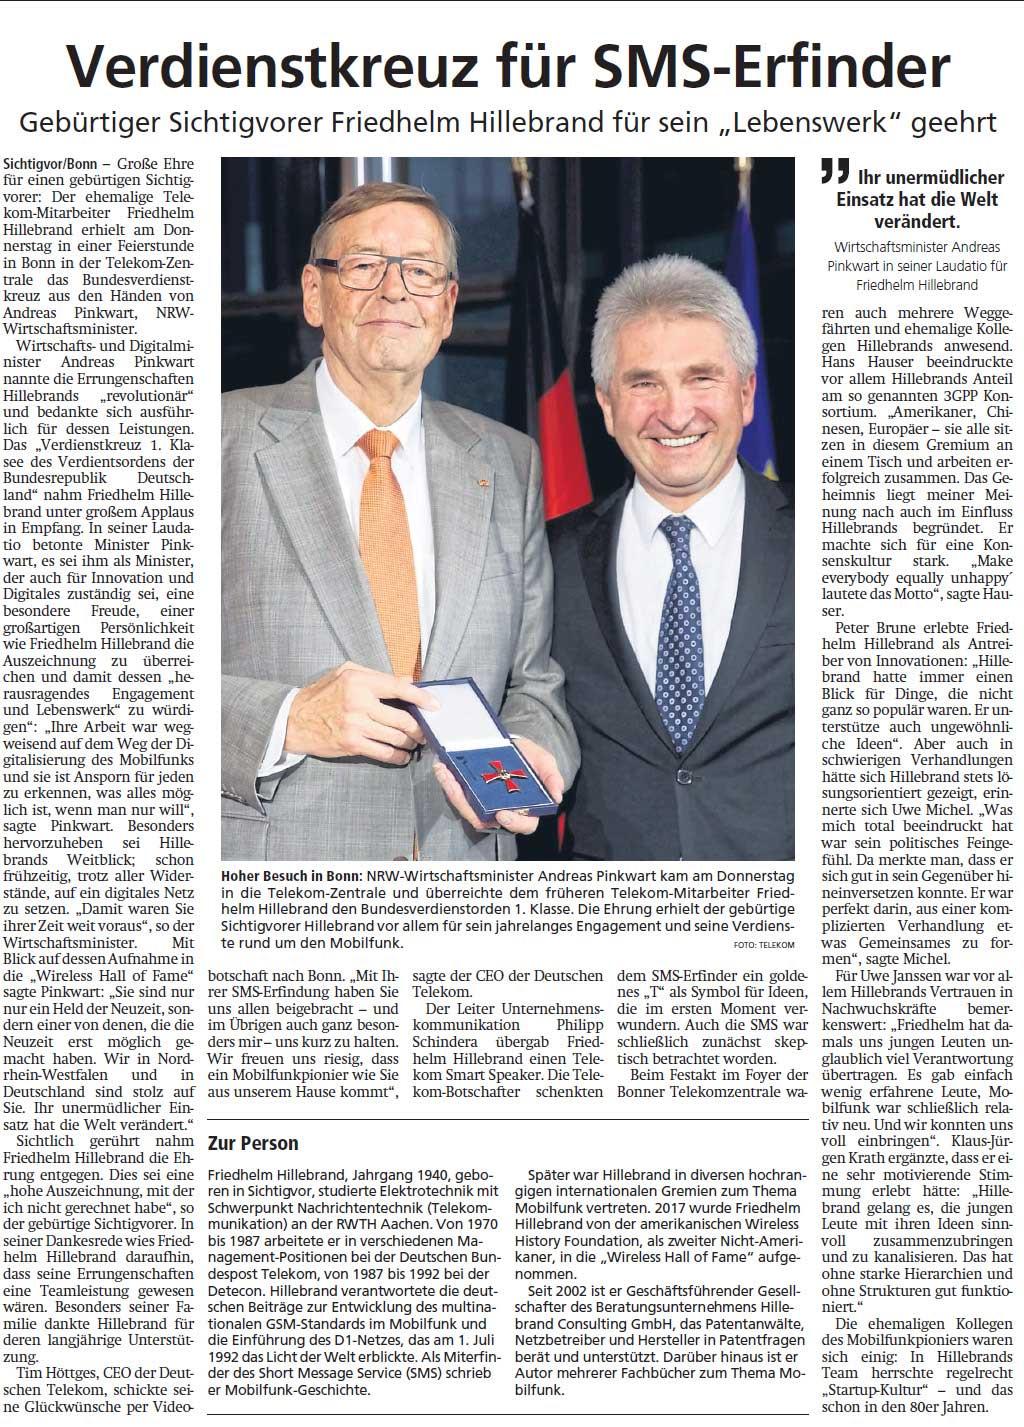 Friedhelm Hillebrand (Petern) aus Sichtigvor mit Prof. Dr. Andreas Pinkwart (Minister für Wirtschaft, Innovation, Digitalisierung und Energie in NRW) am 24.10.2019